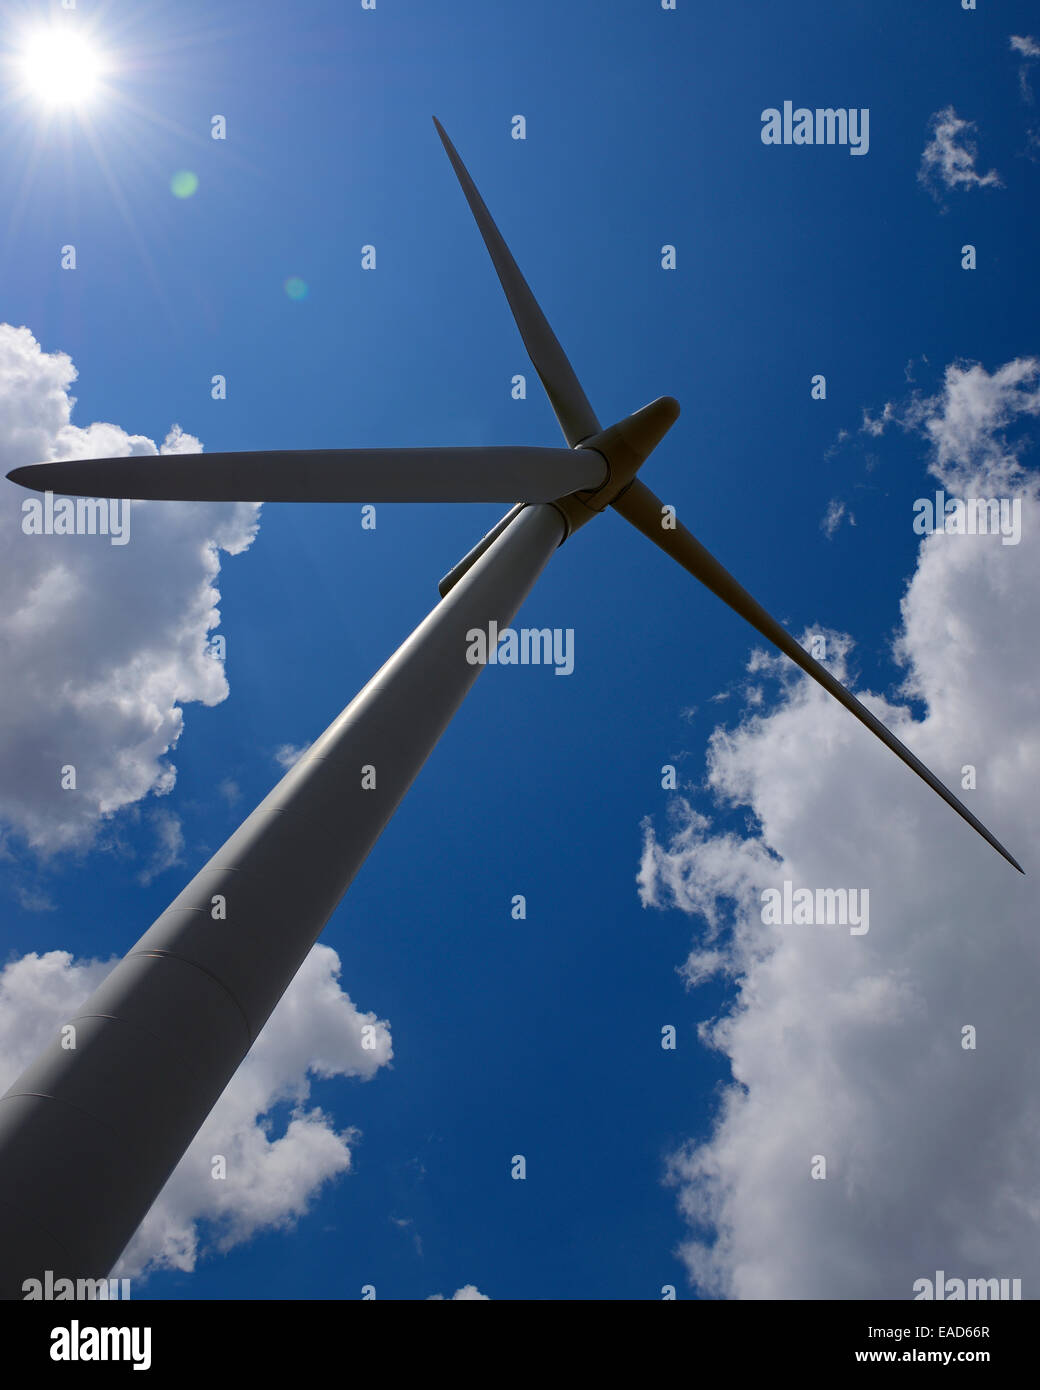 Wind Turbine, United Kingdom. - Stock Image